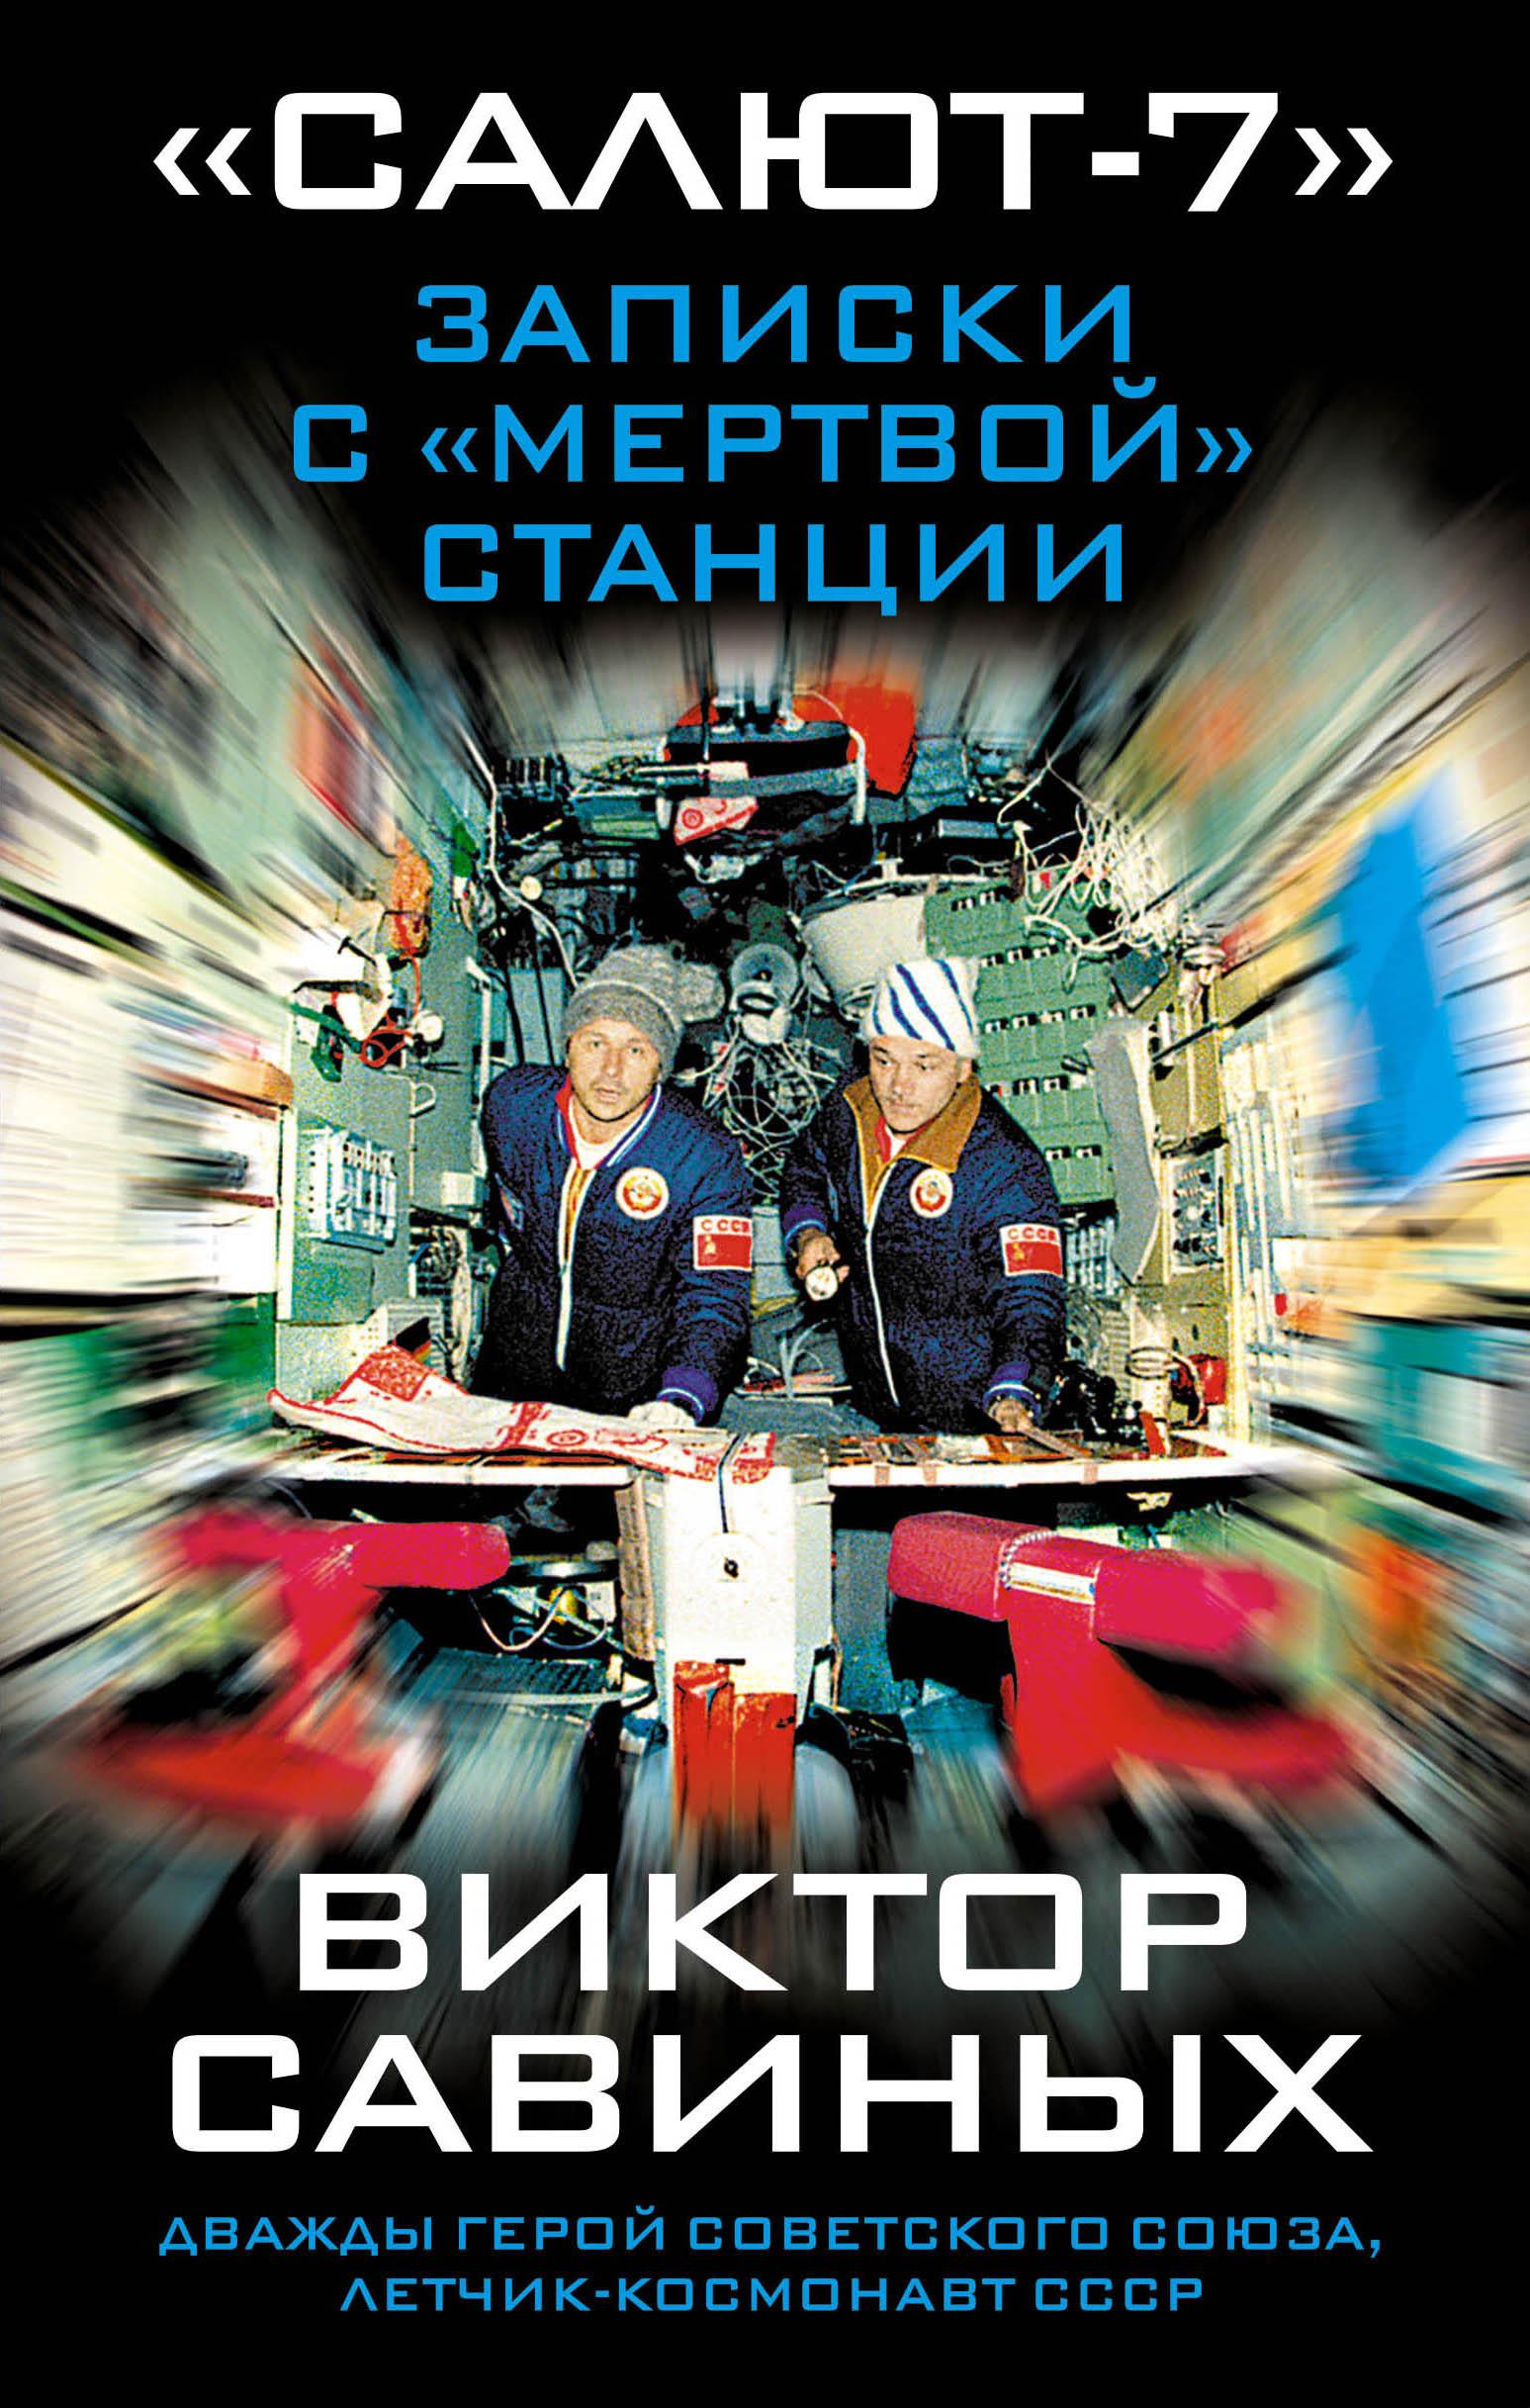 Виктор Савиных «Салют-7». Записки с «мертвой» станции цены онлайн